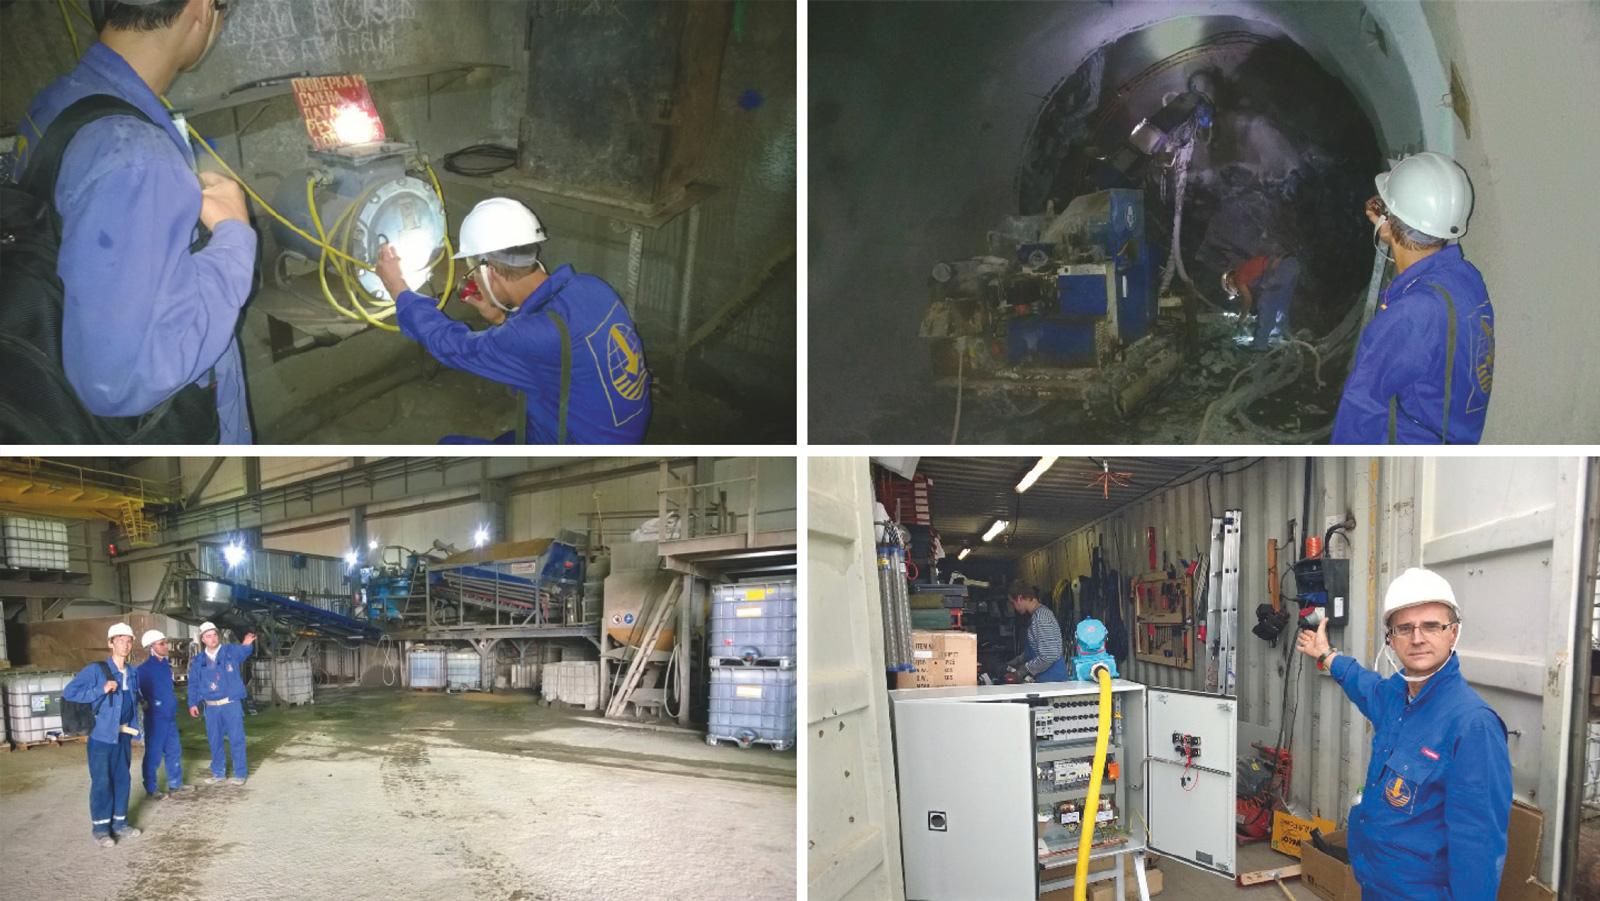 """Fig. 4. Site audit at the Donskoi GOK mine operated by SBK (Kazakhstan Shaft Construction). // Bild 4. Baustellenaudit auf dem Bergwerk Donskoy GOK der """"Schachtbau Kasachstan"""" (SBK). Photos/Fotos: THYSSEN SCHACHTBAU"""